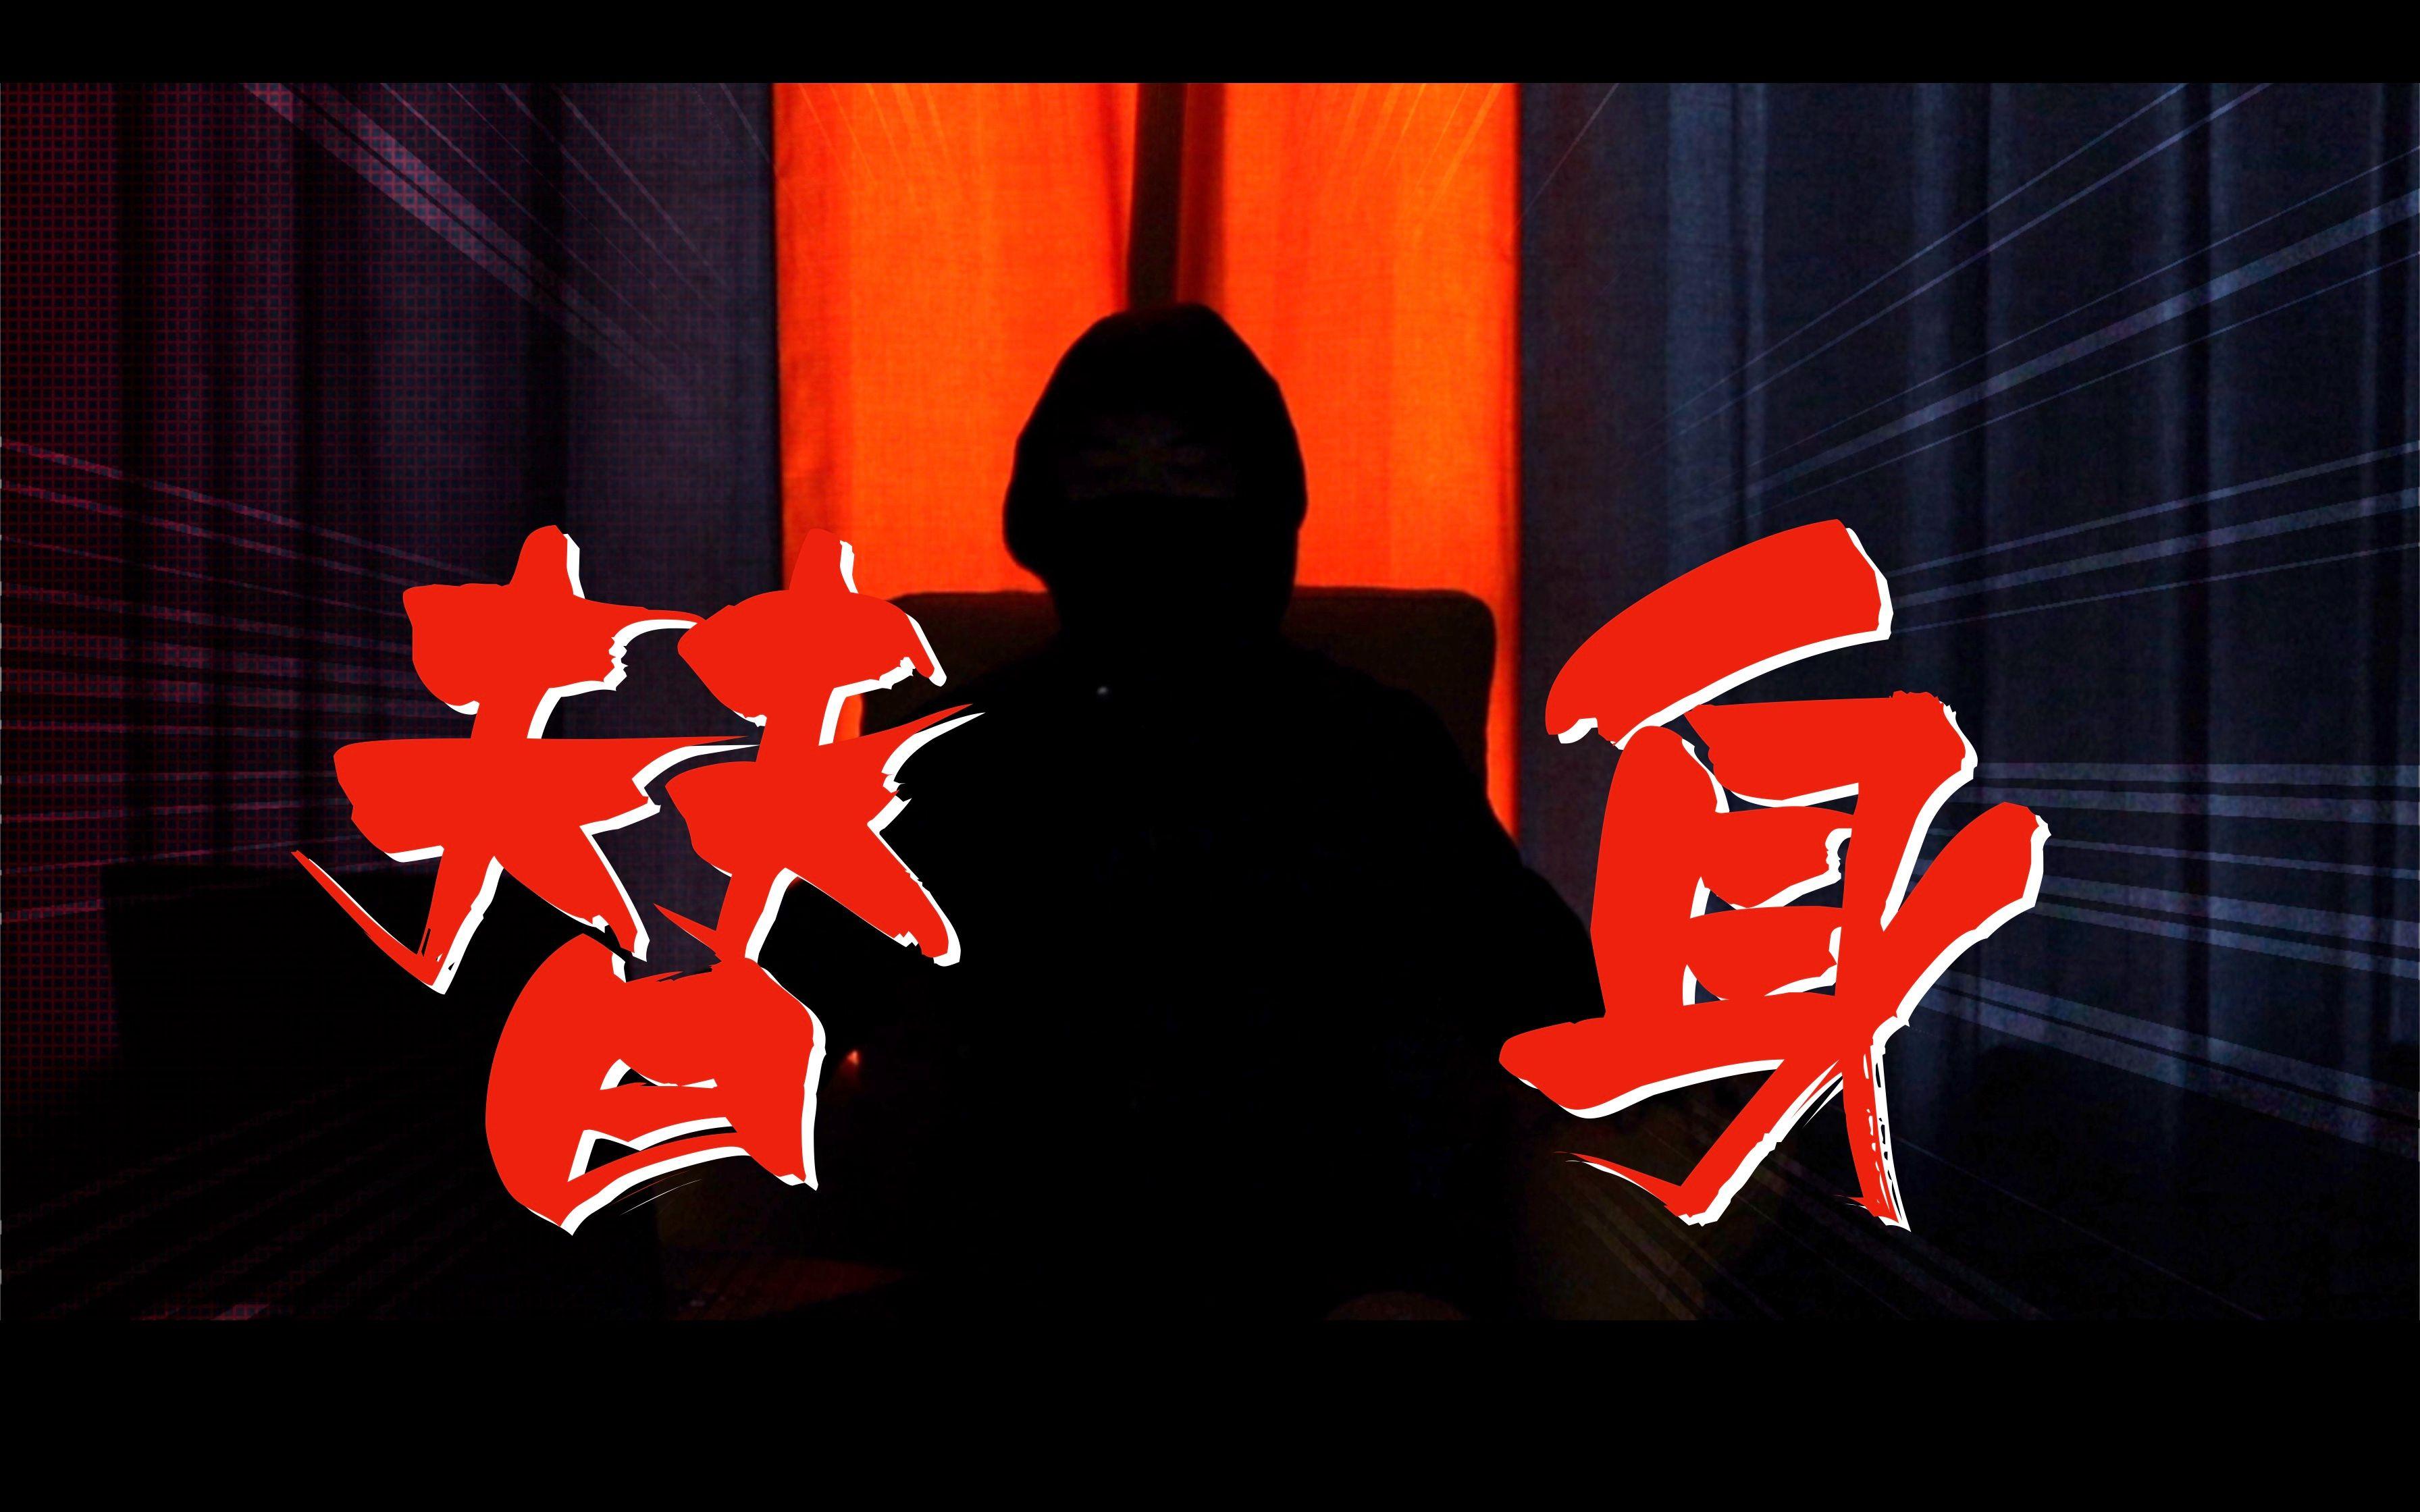 拳皇97大魔王 福建kyo 第三章-替身崛起